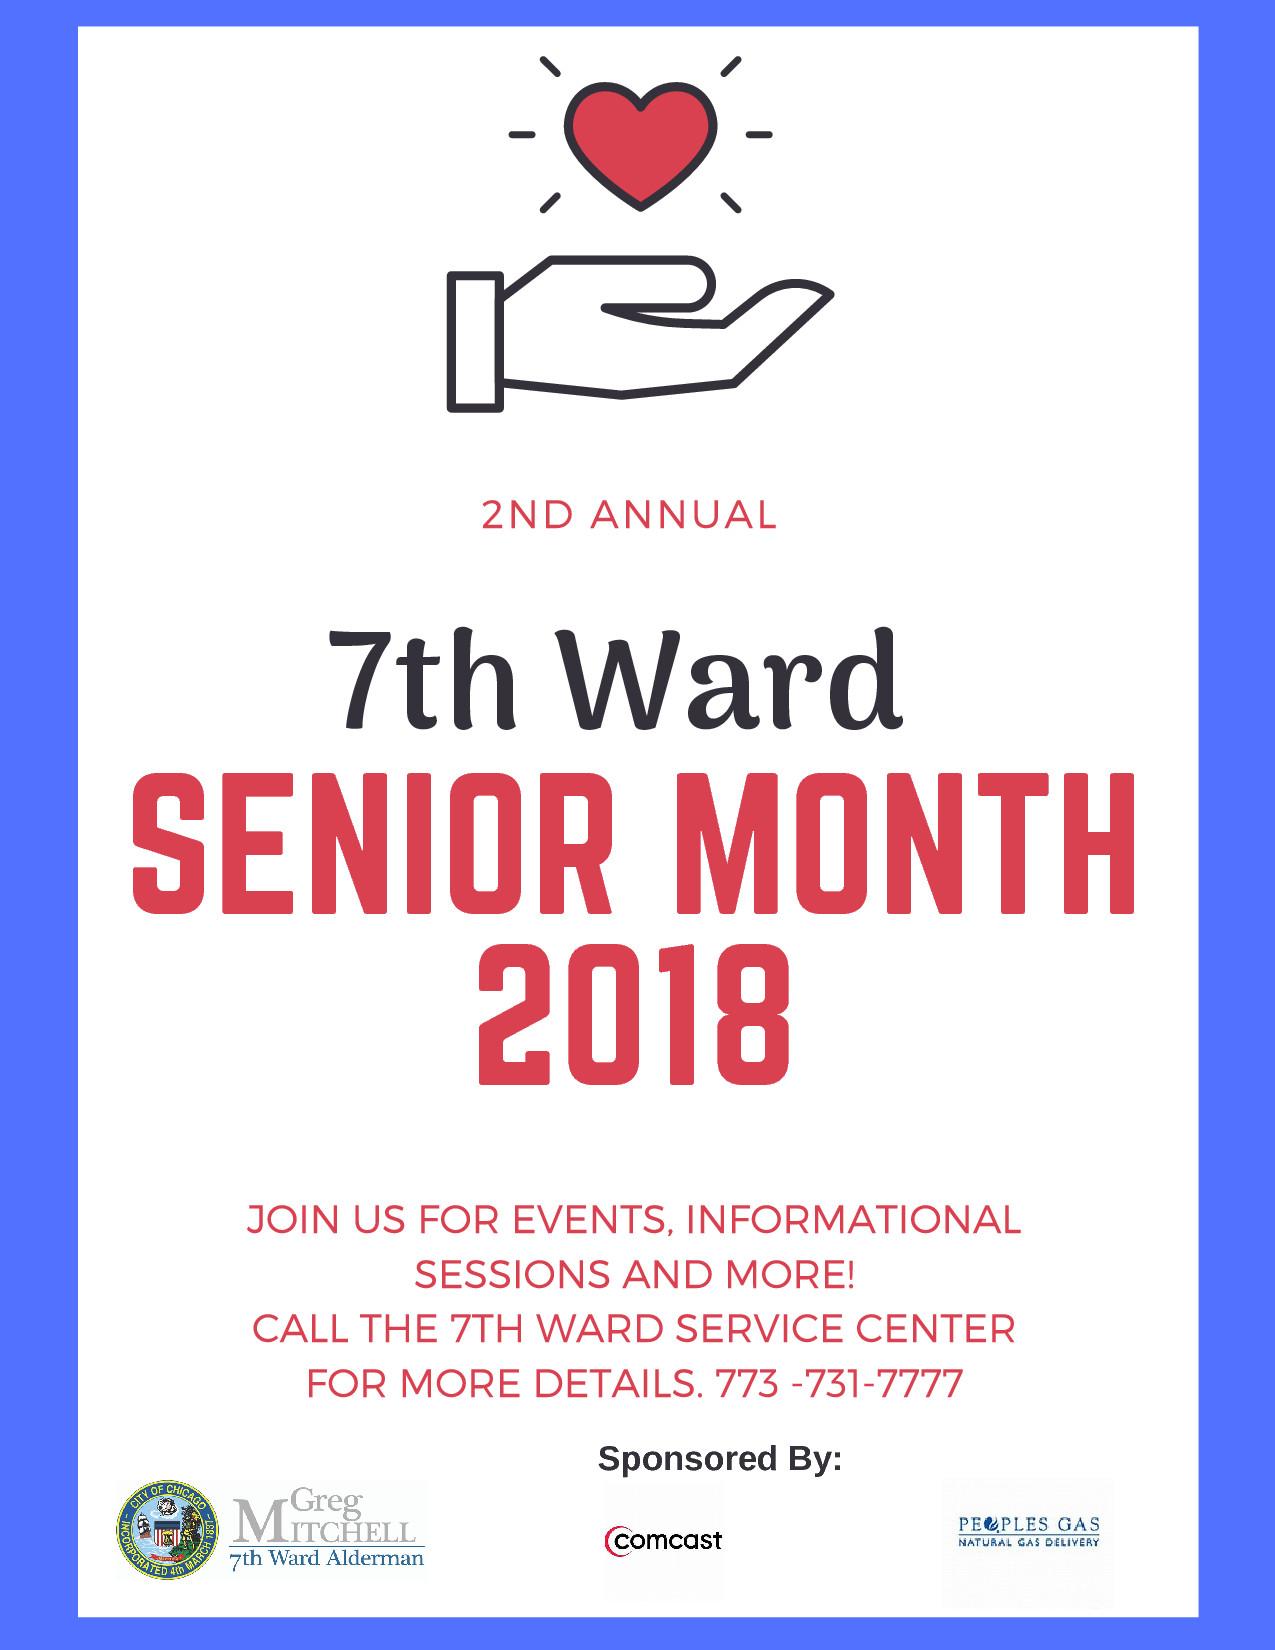 2nd annual 7th ward senior month a.jpg